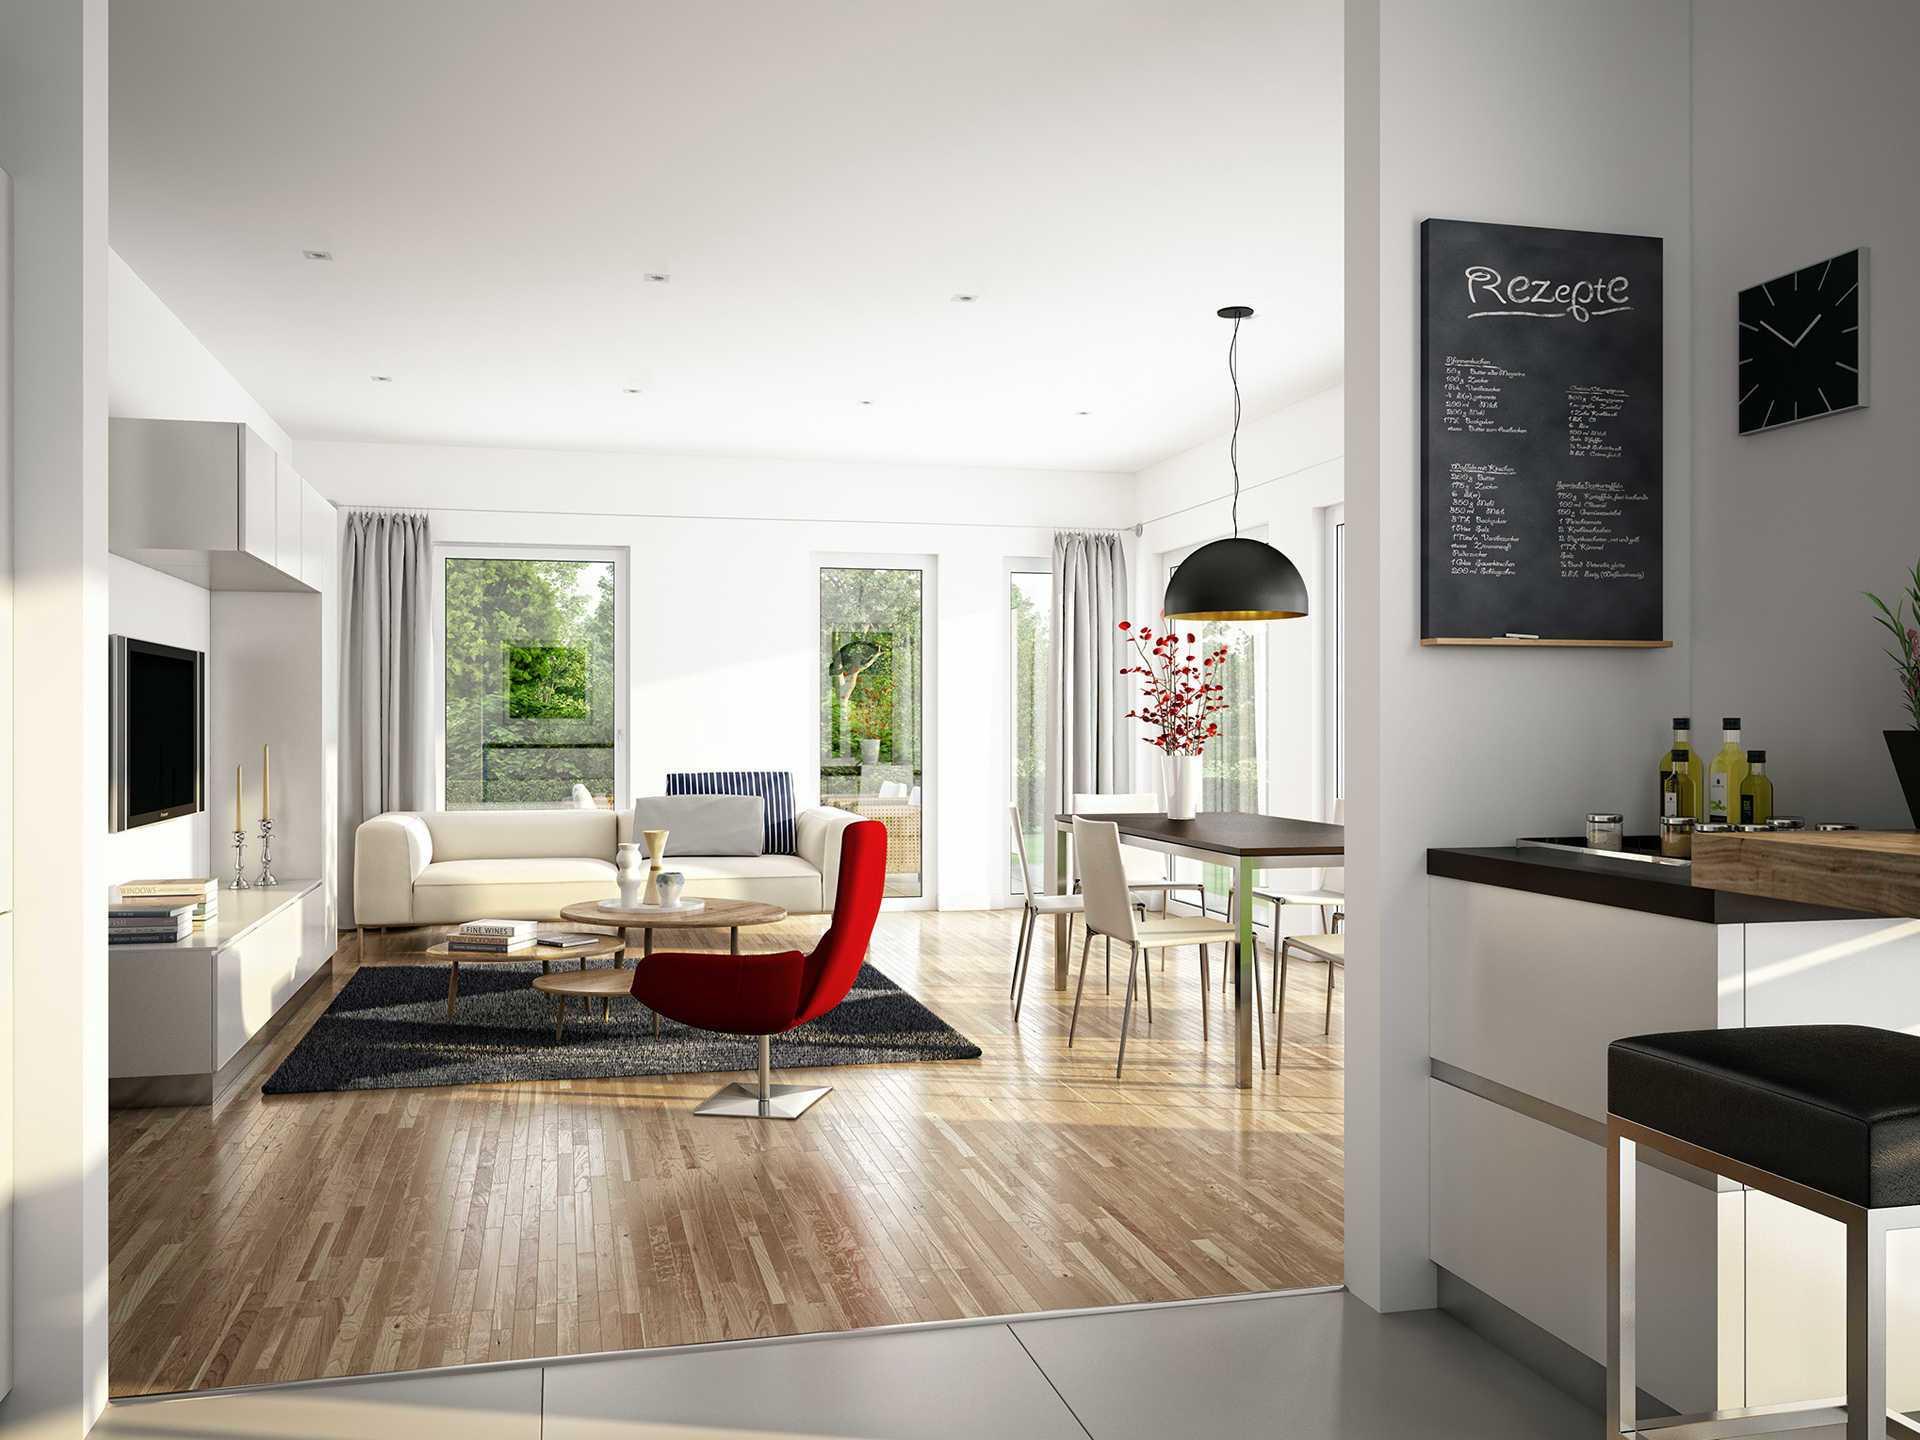 elebration 137 V6 - infamilienhaus - Bien-Zenker